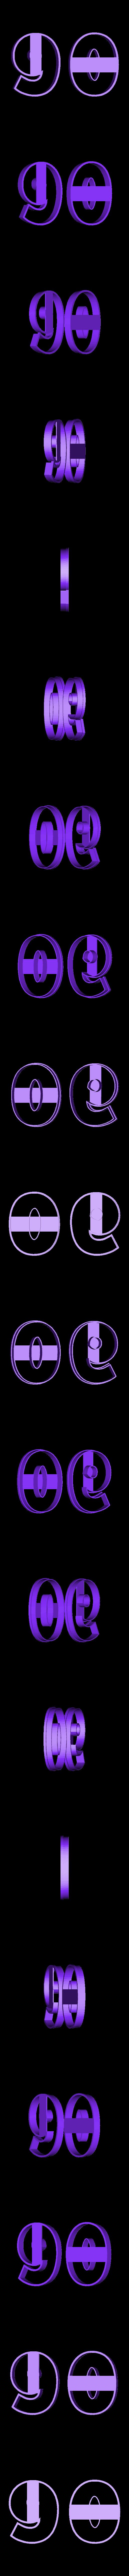 09.STL Télécharger fichier STL gratuit Lot de 10 moules à biscuits numérotés • Design à imprimer en 3D, icepro10